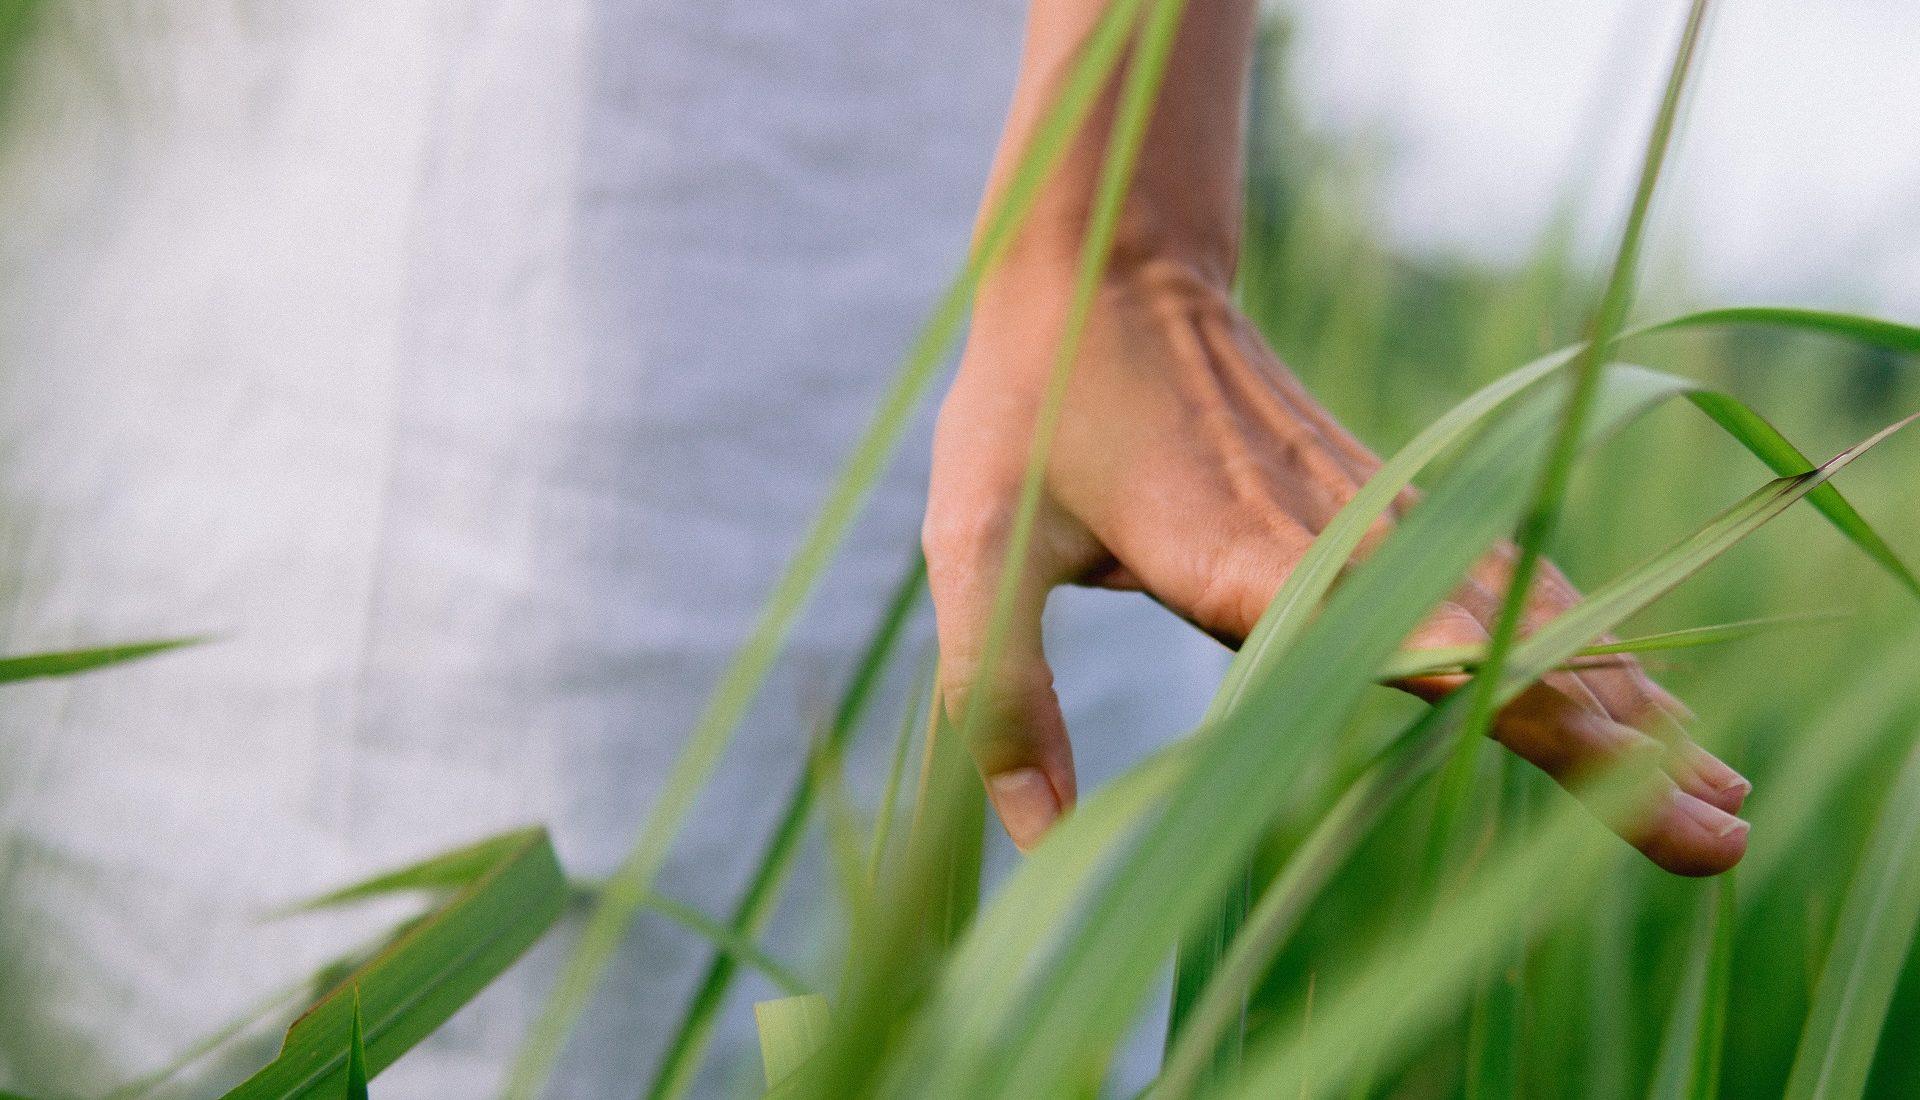 Sustentabilidade na alimentação